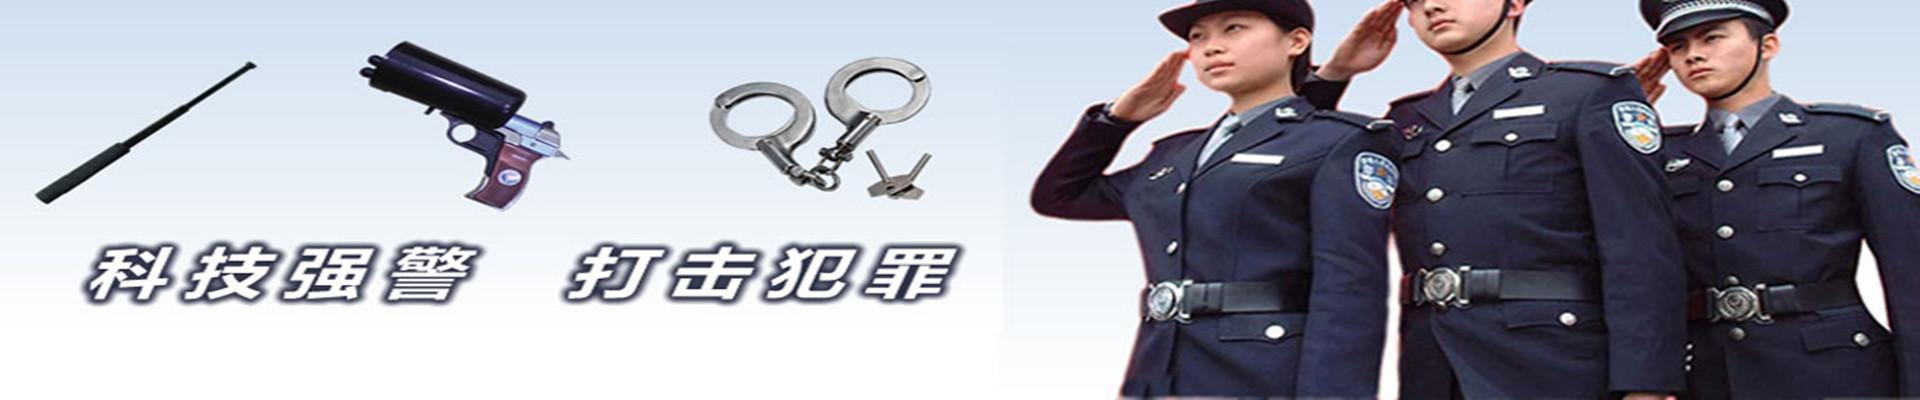 廣州保安用品專賣